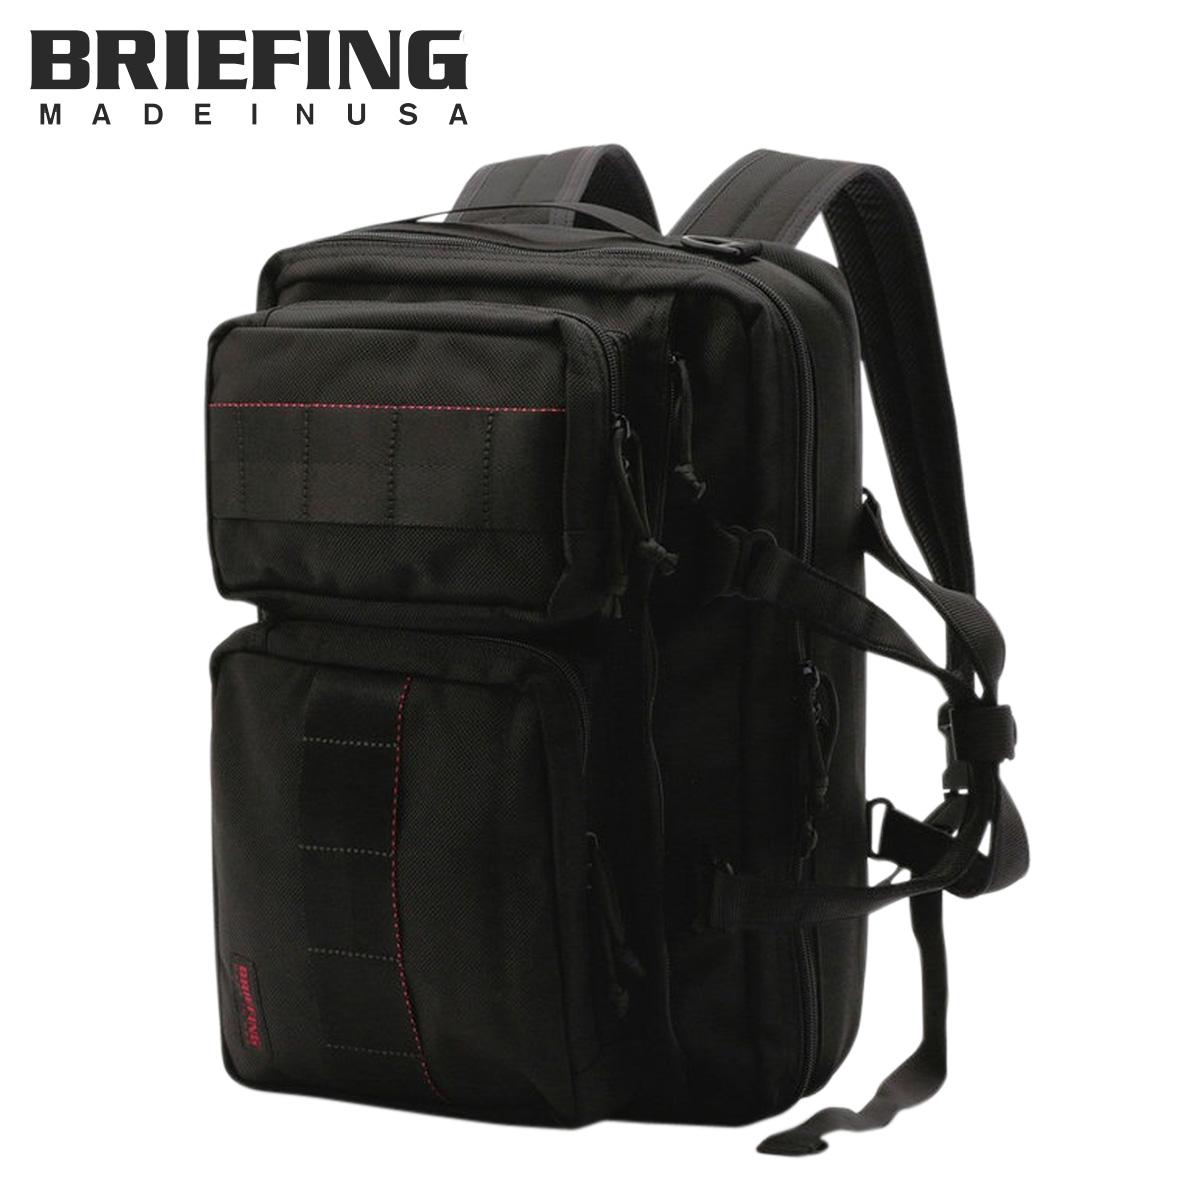 ブリーフィング BRIEFING バッグ ブリーフケース リュック ビジネスバッグ メンズ 12L 3WAY NEO TRINITY LINER ブラック 黒 BRF399219